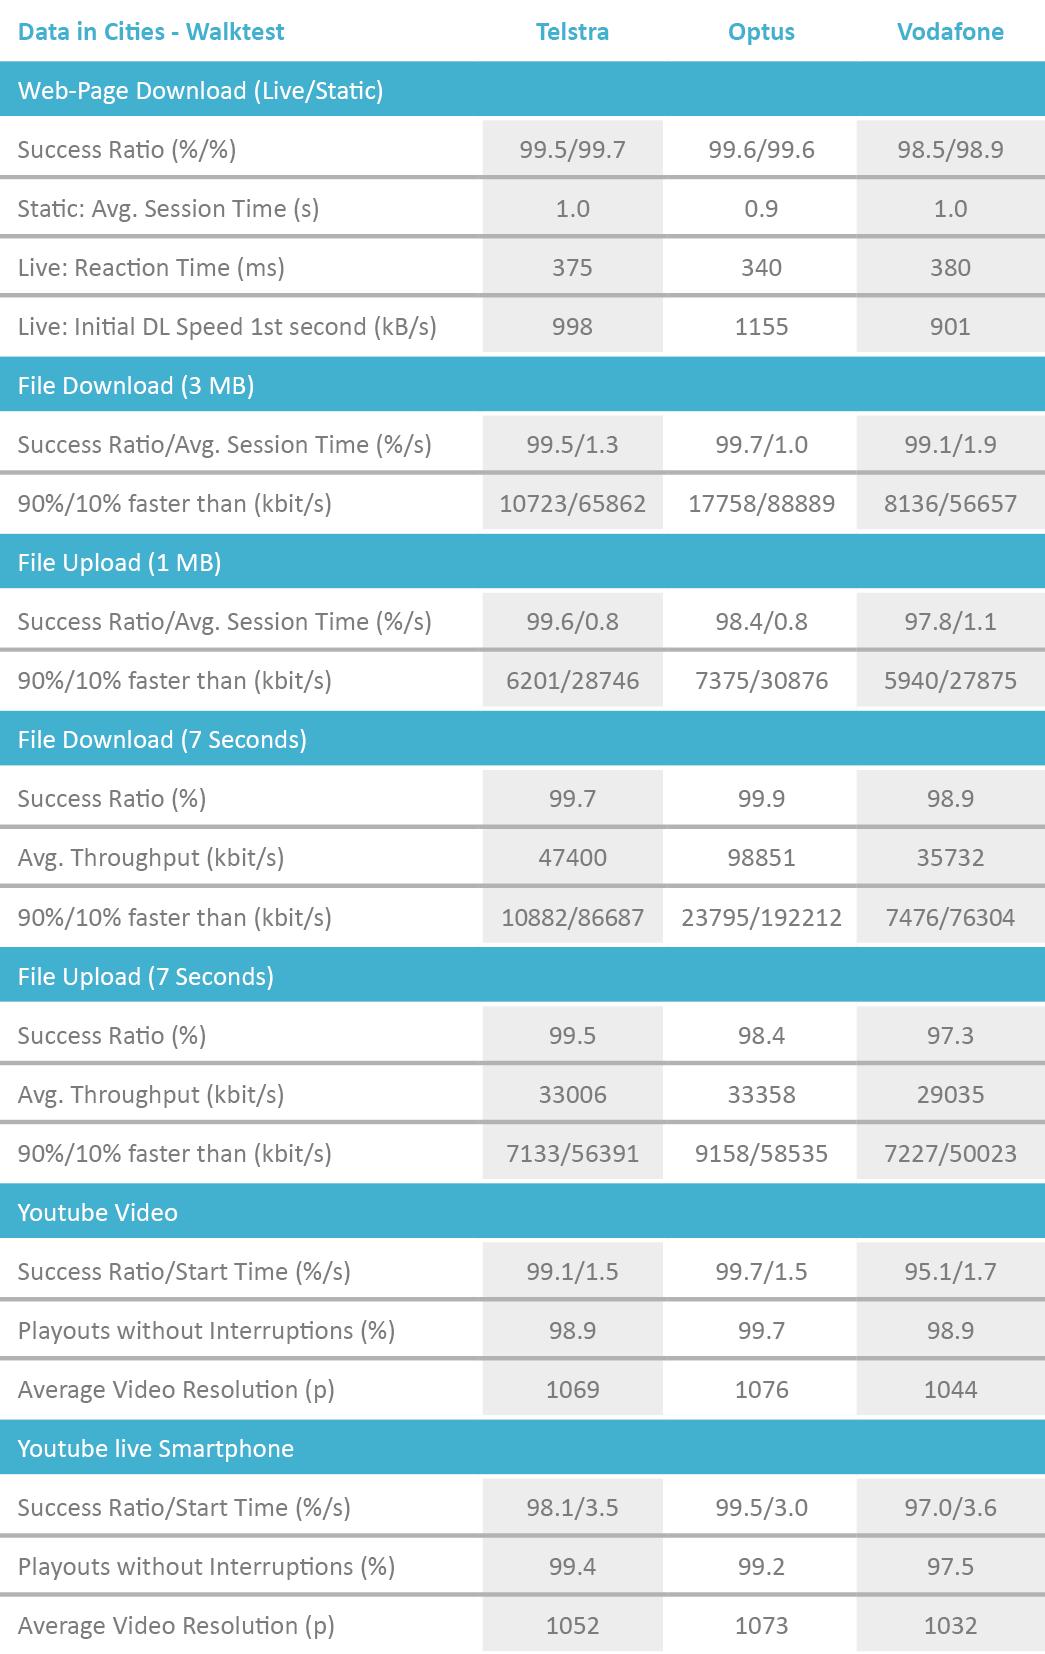 AUS_Tabelle_DataCities_Walktest_2018_Englisch.png